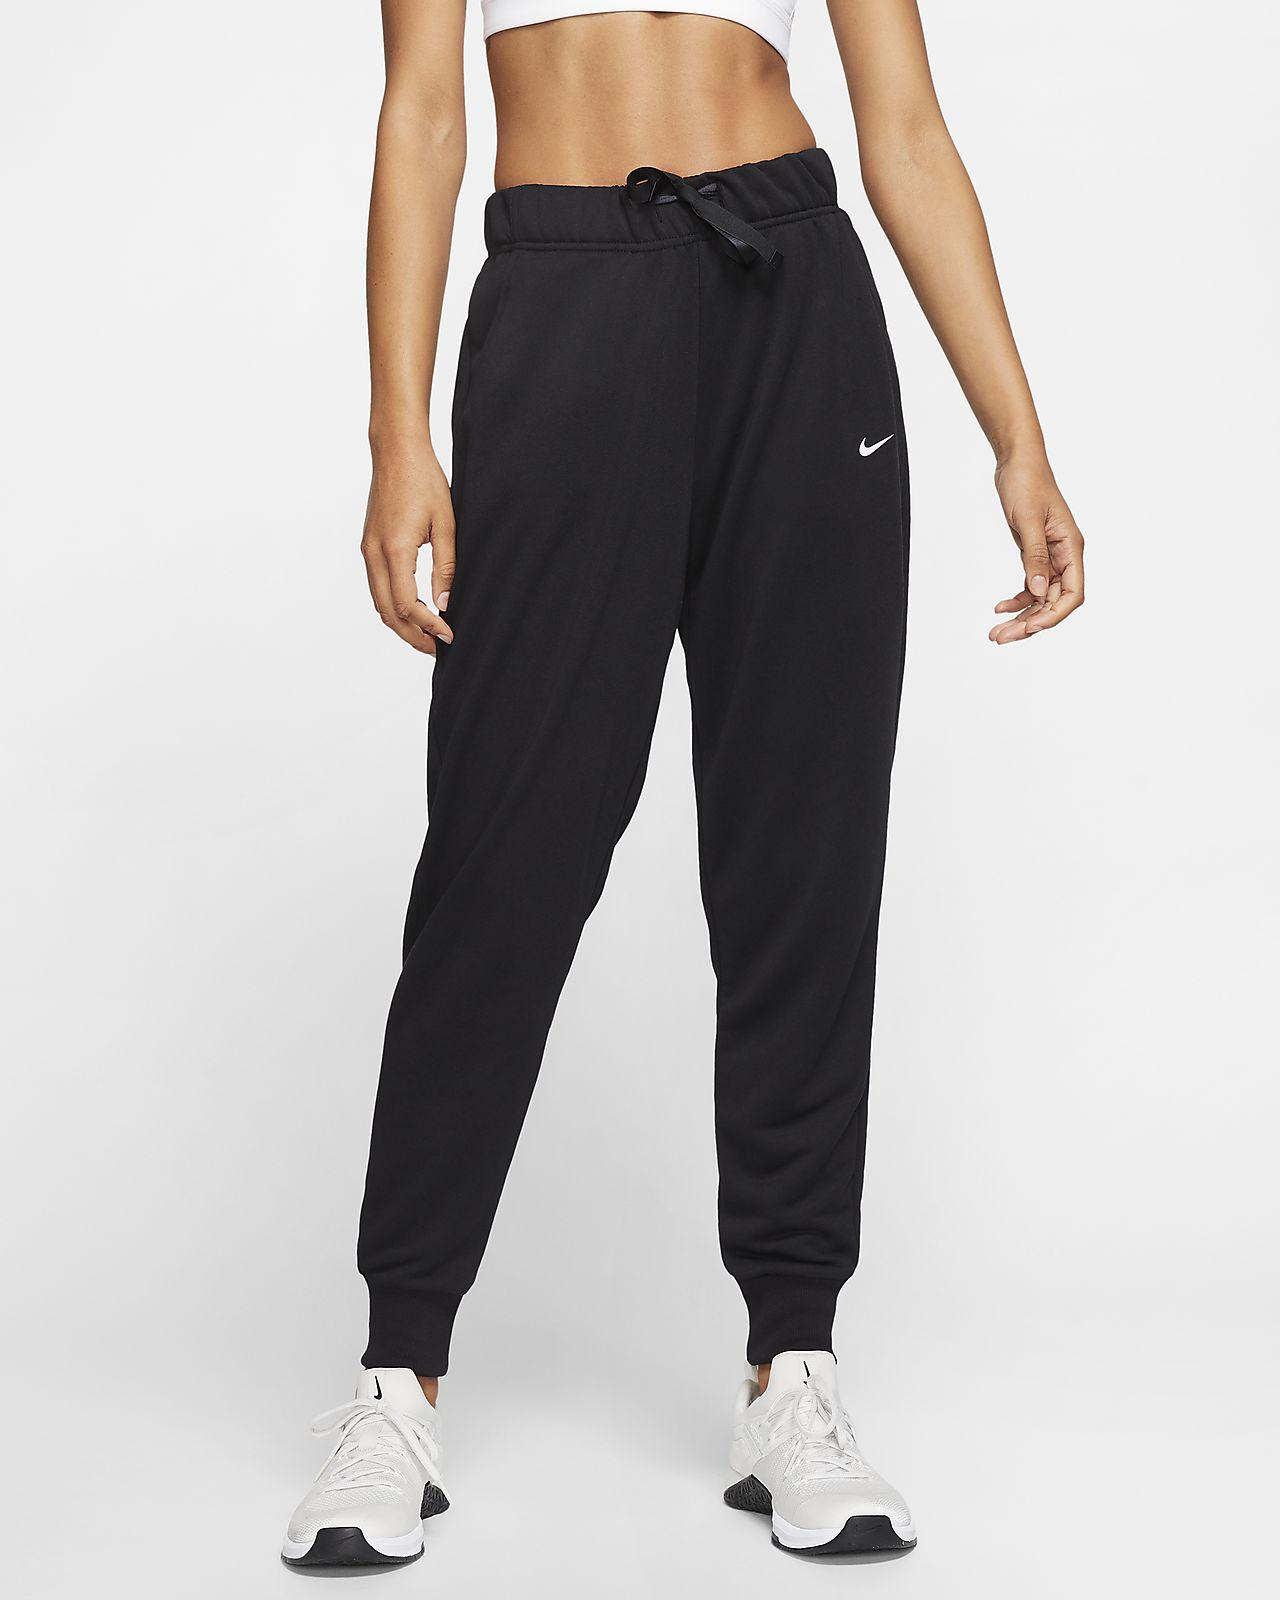 Nike Dri FIT Get Fit Women's Fleece Training Trousers